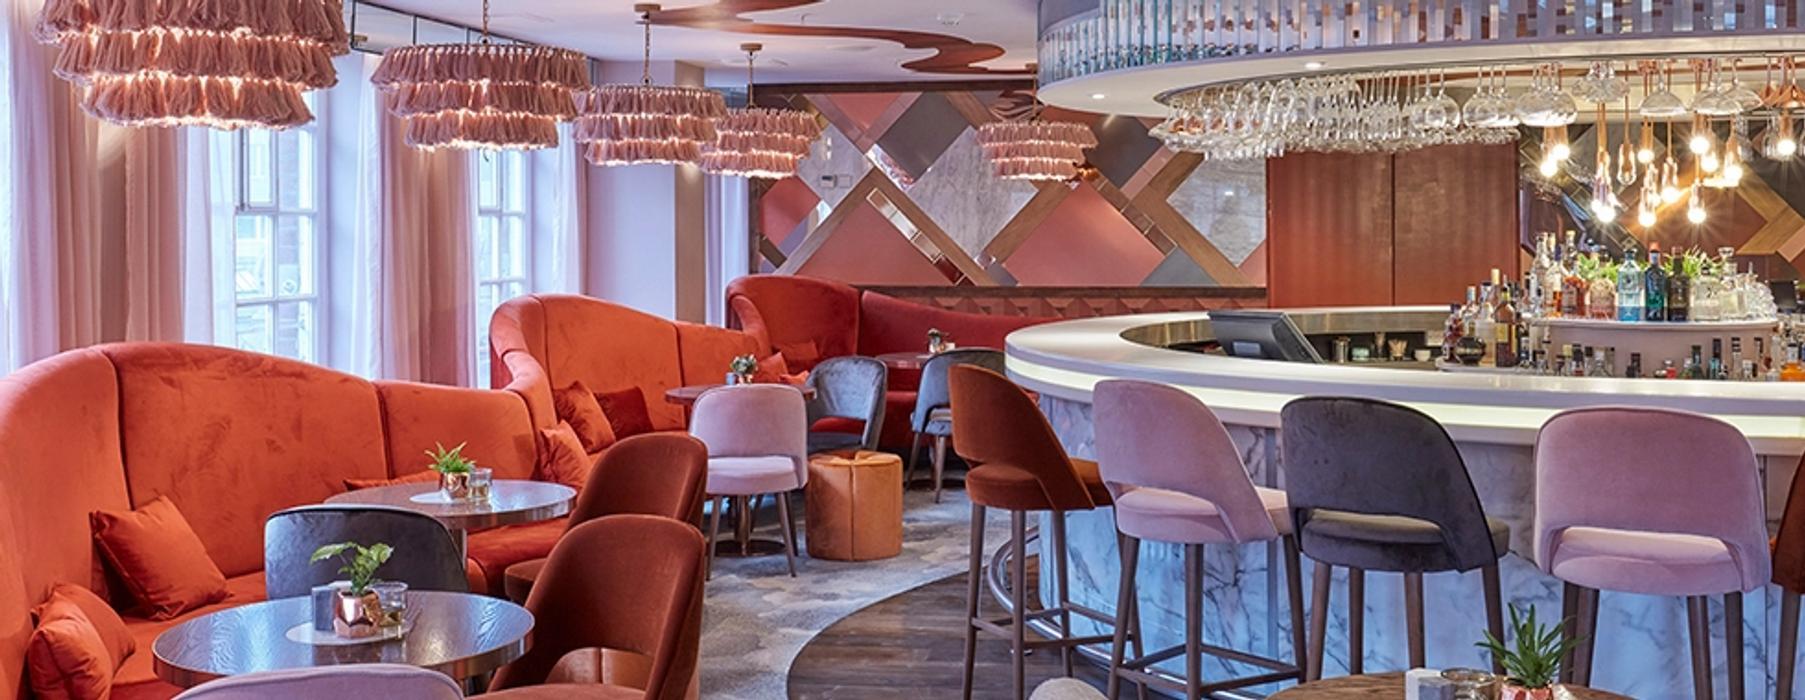 The Fifth Floor Bar